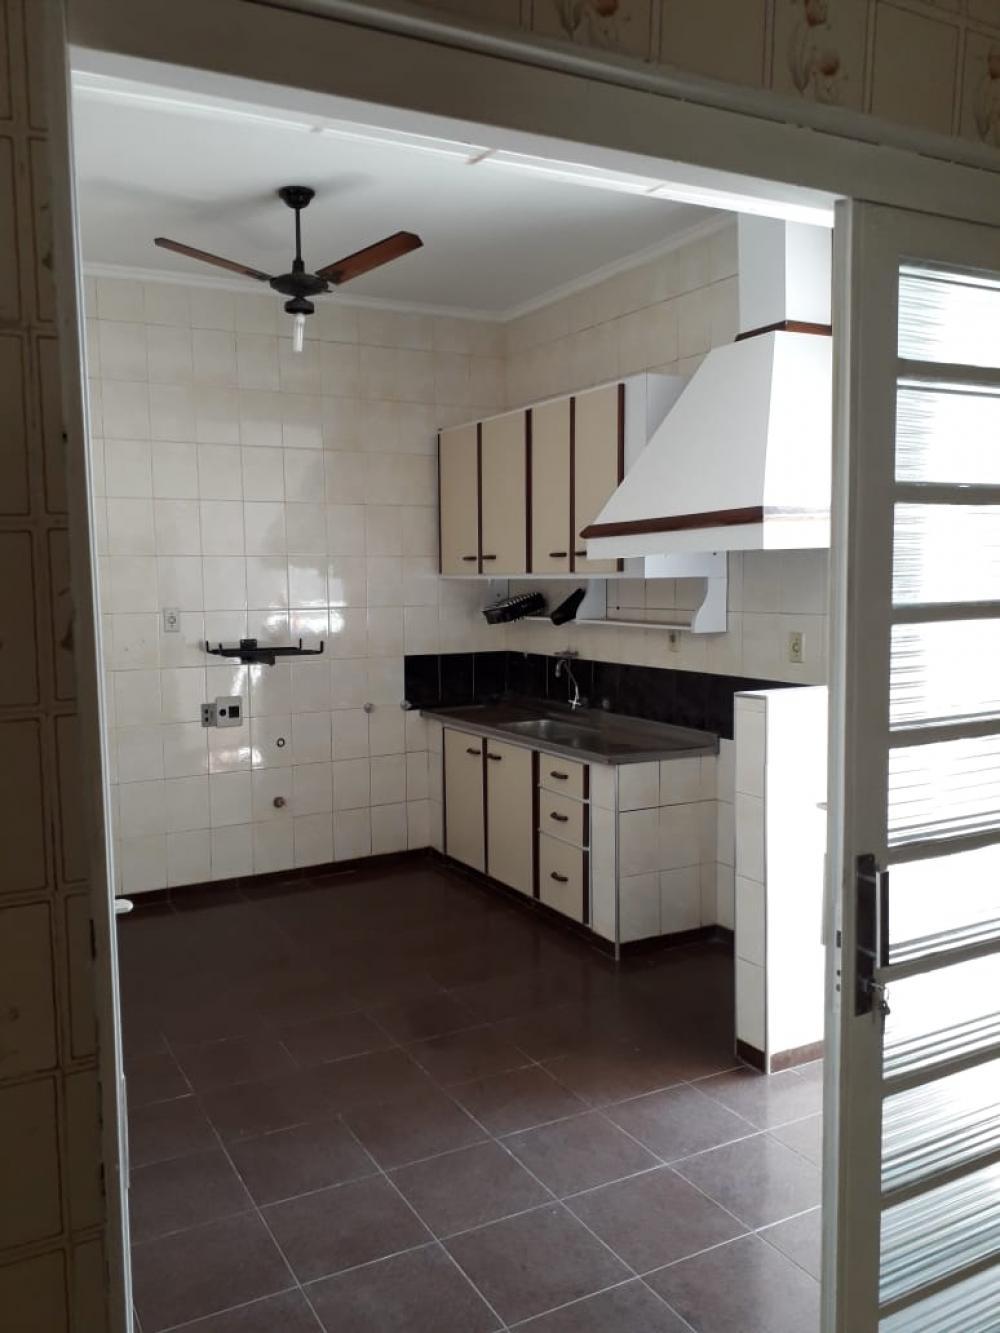 Comprar Casa / Padrão em Ribeirão Preto R$ 425.000,00 - Foto 6